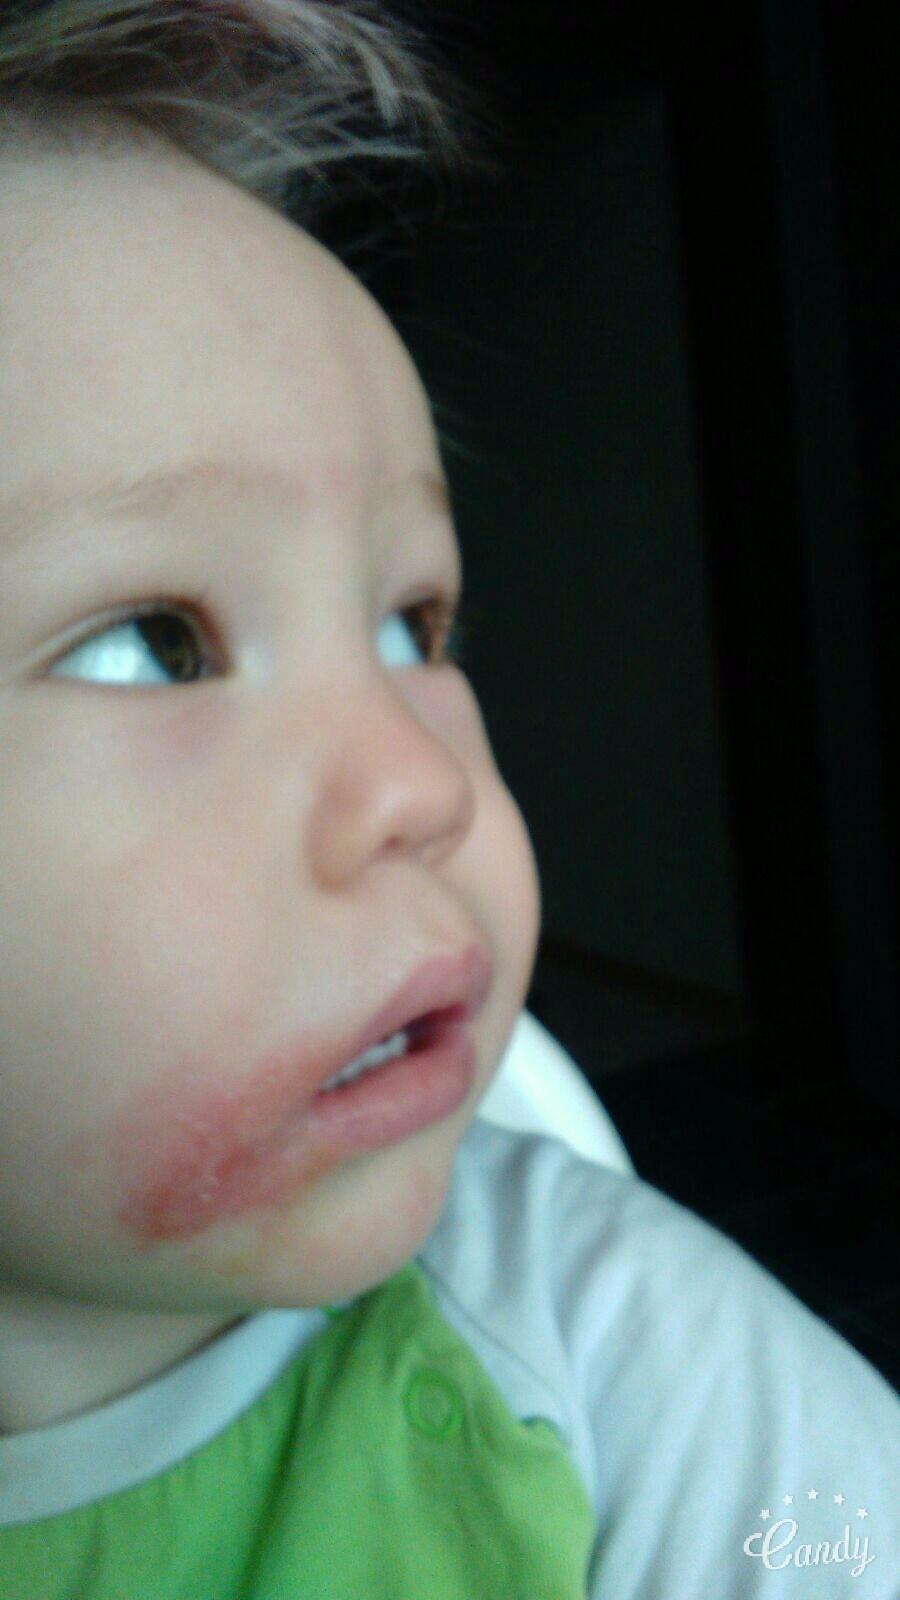 Белое пятно на щеке ребенка фото